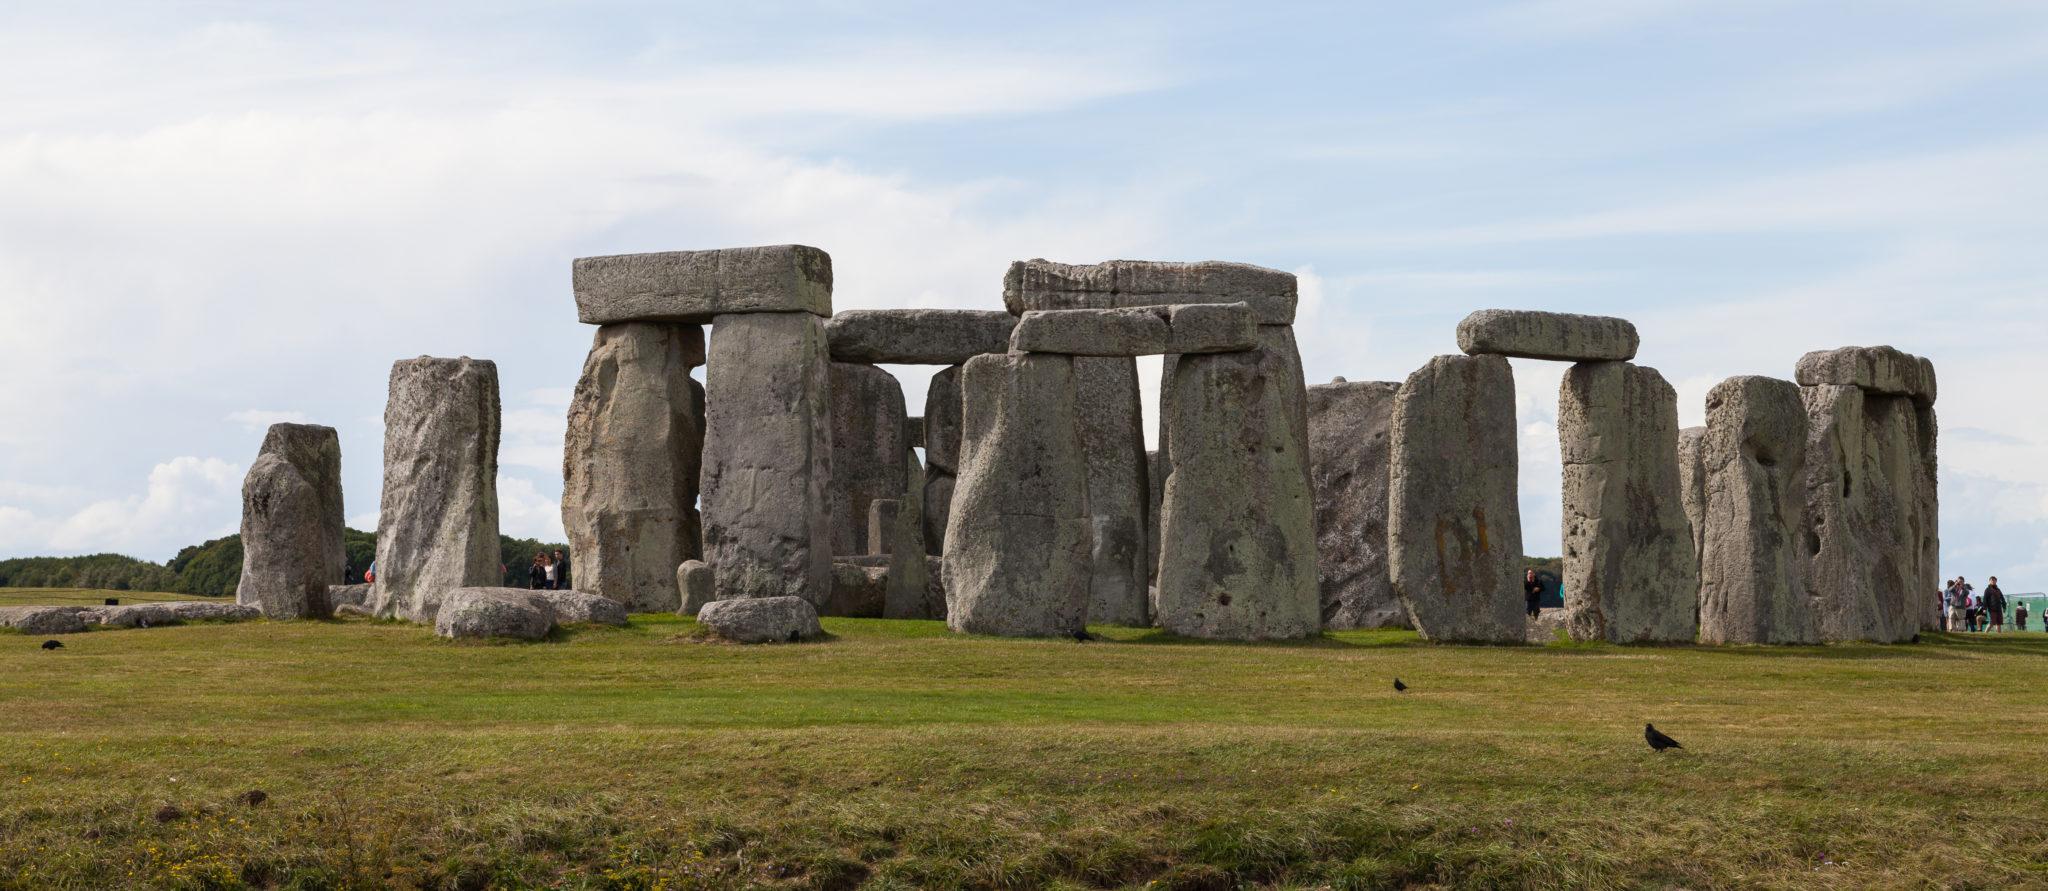 Ecco chi ha costruito Stonehenge. Scoperta a 2 chilometri una città abitata oltre 10mila anni fa